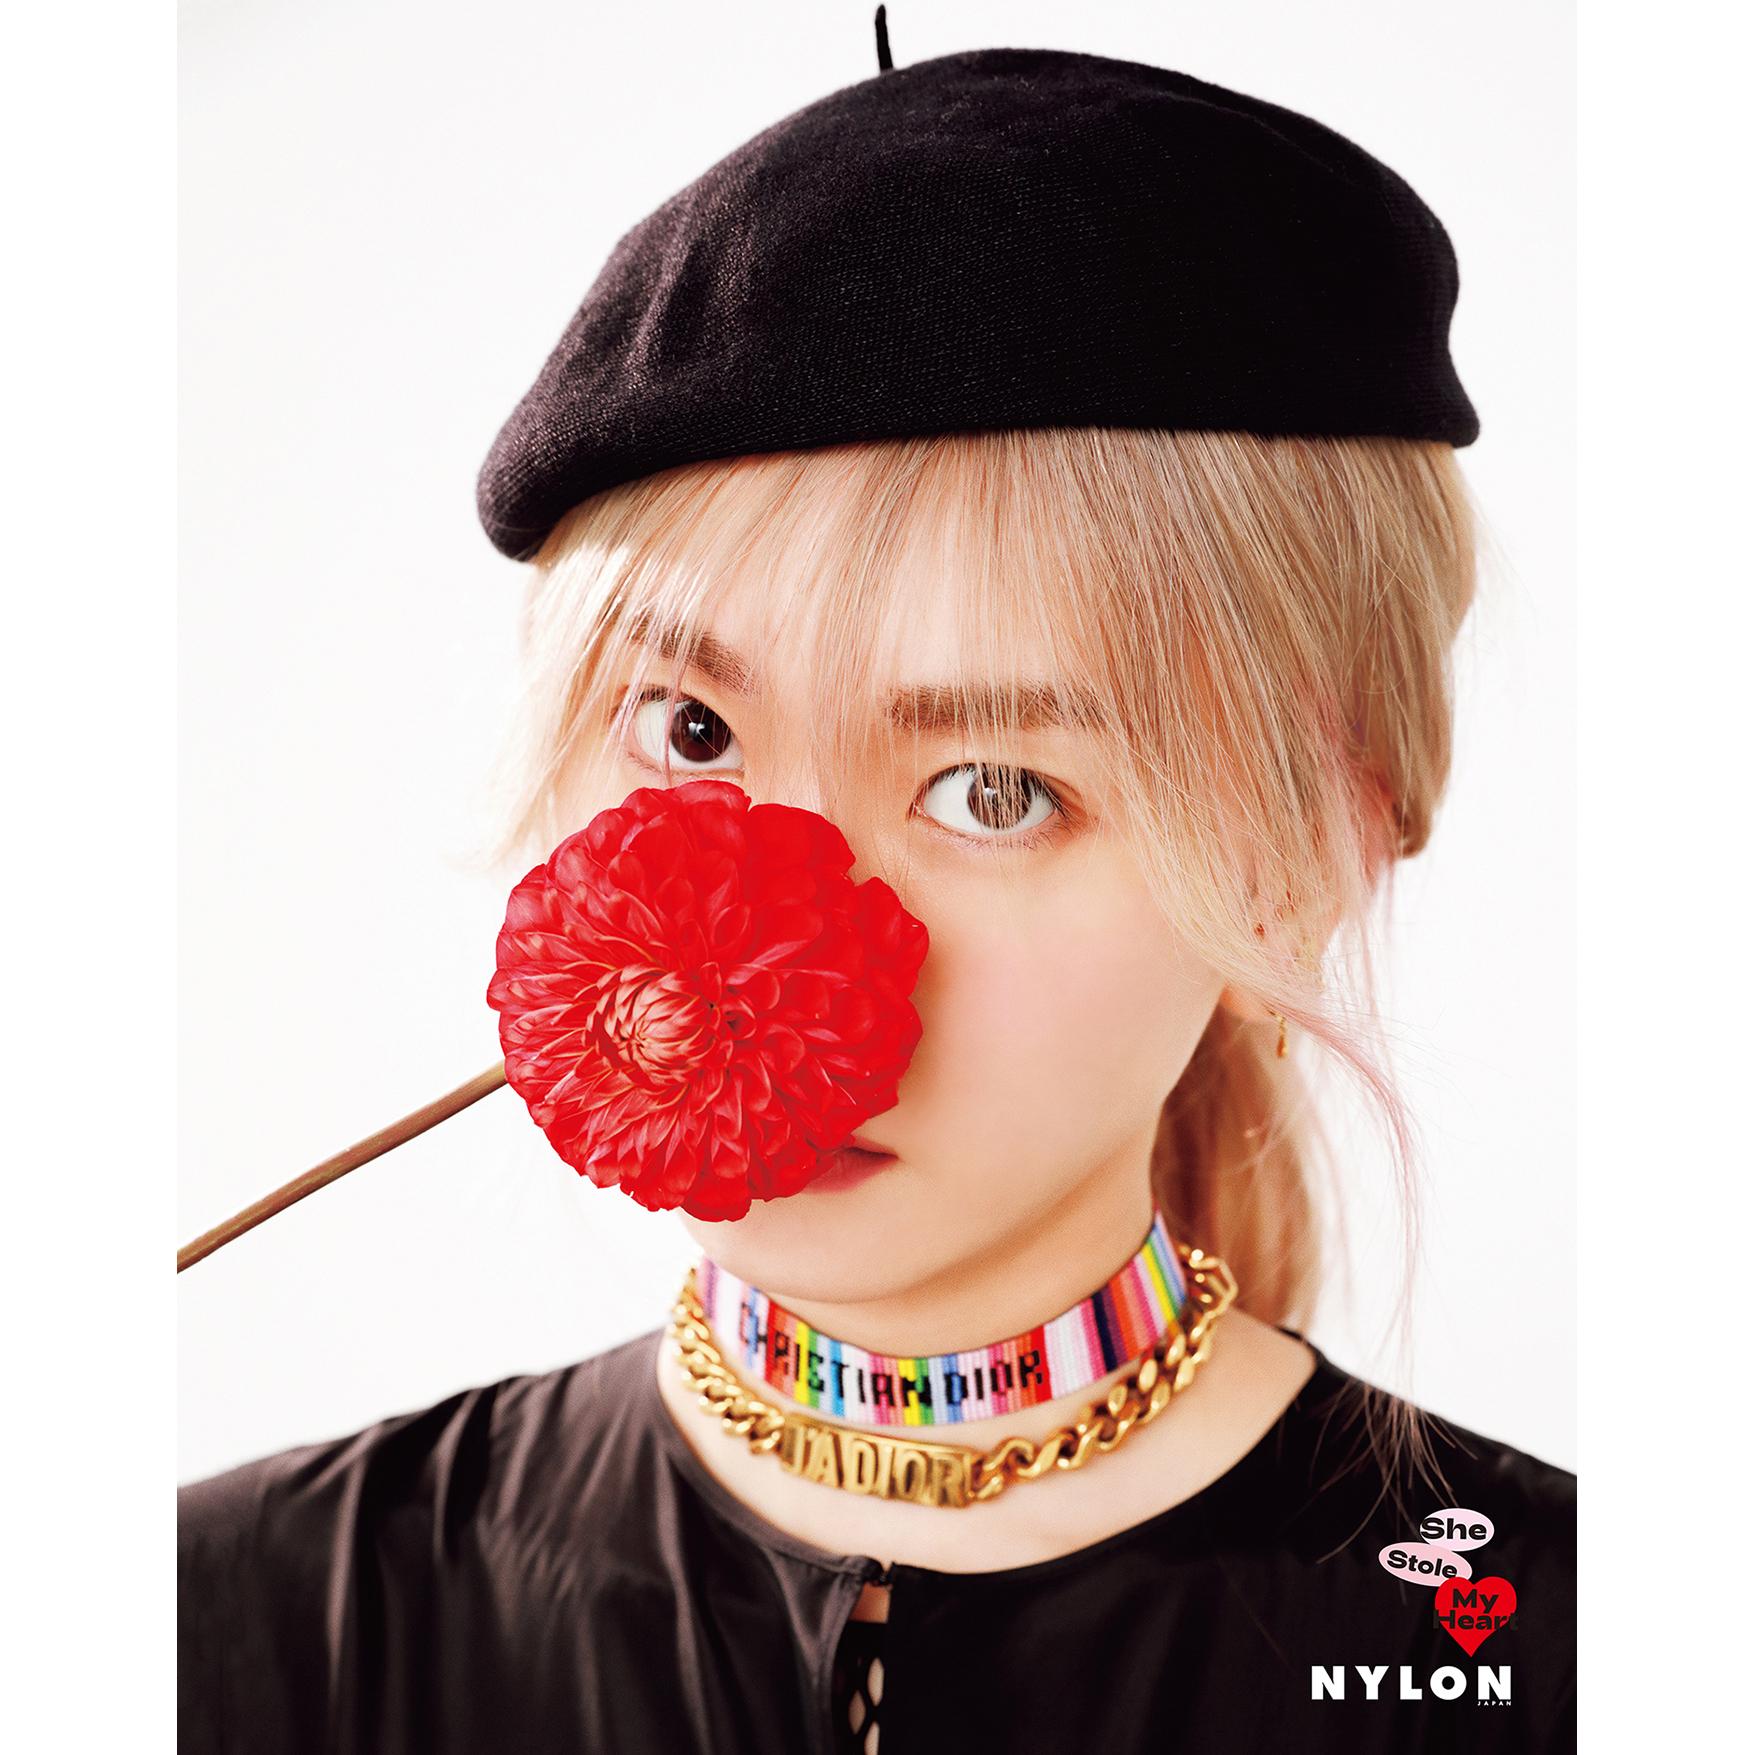 Fashion Nylon Japan15周年記念号は 新垣結衣の両面表紙 34ページ撮り下ろしスペシャル Nylon Japan